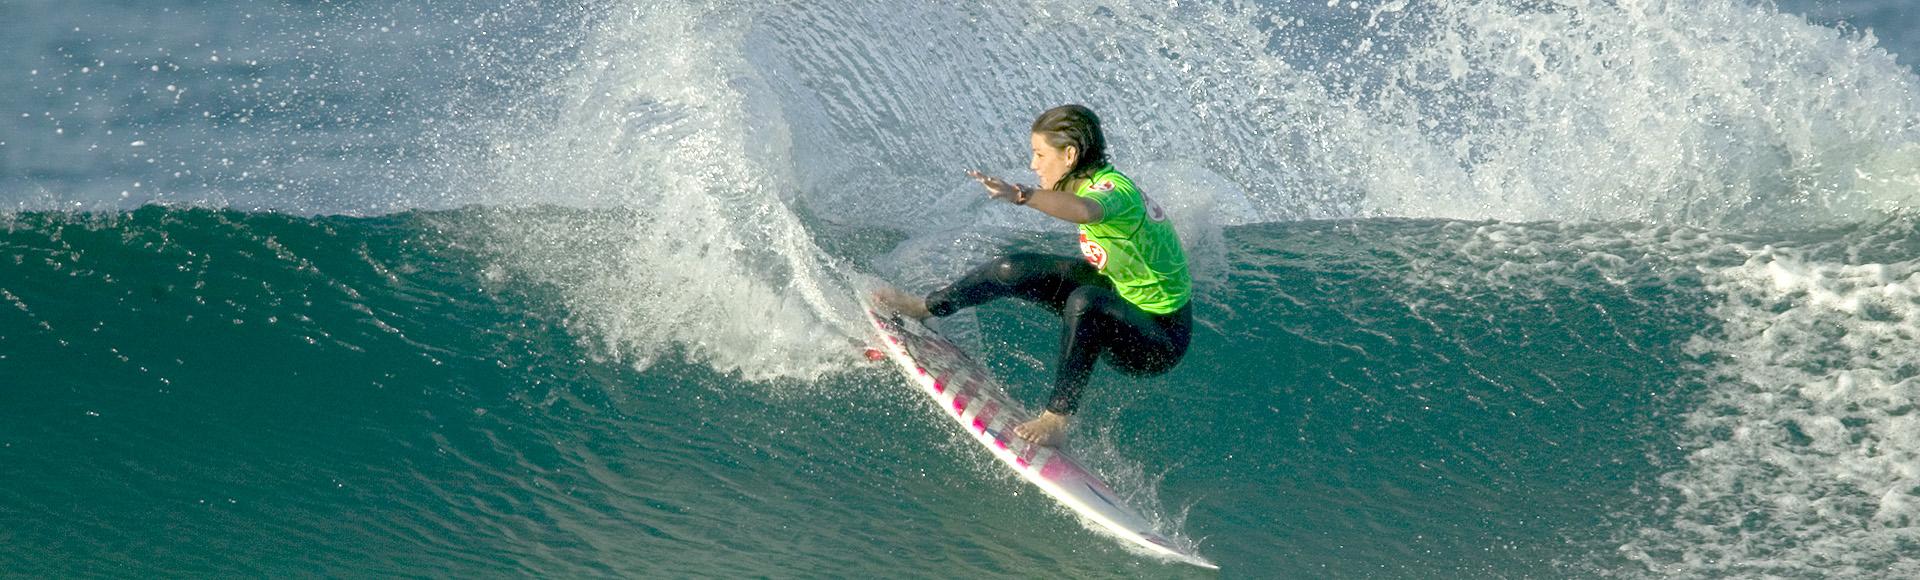 hero_literatur_faszination_surfen